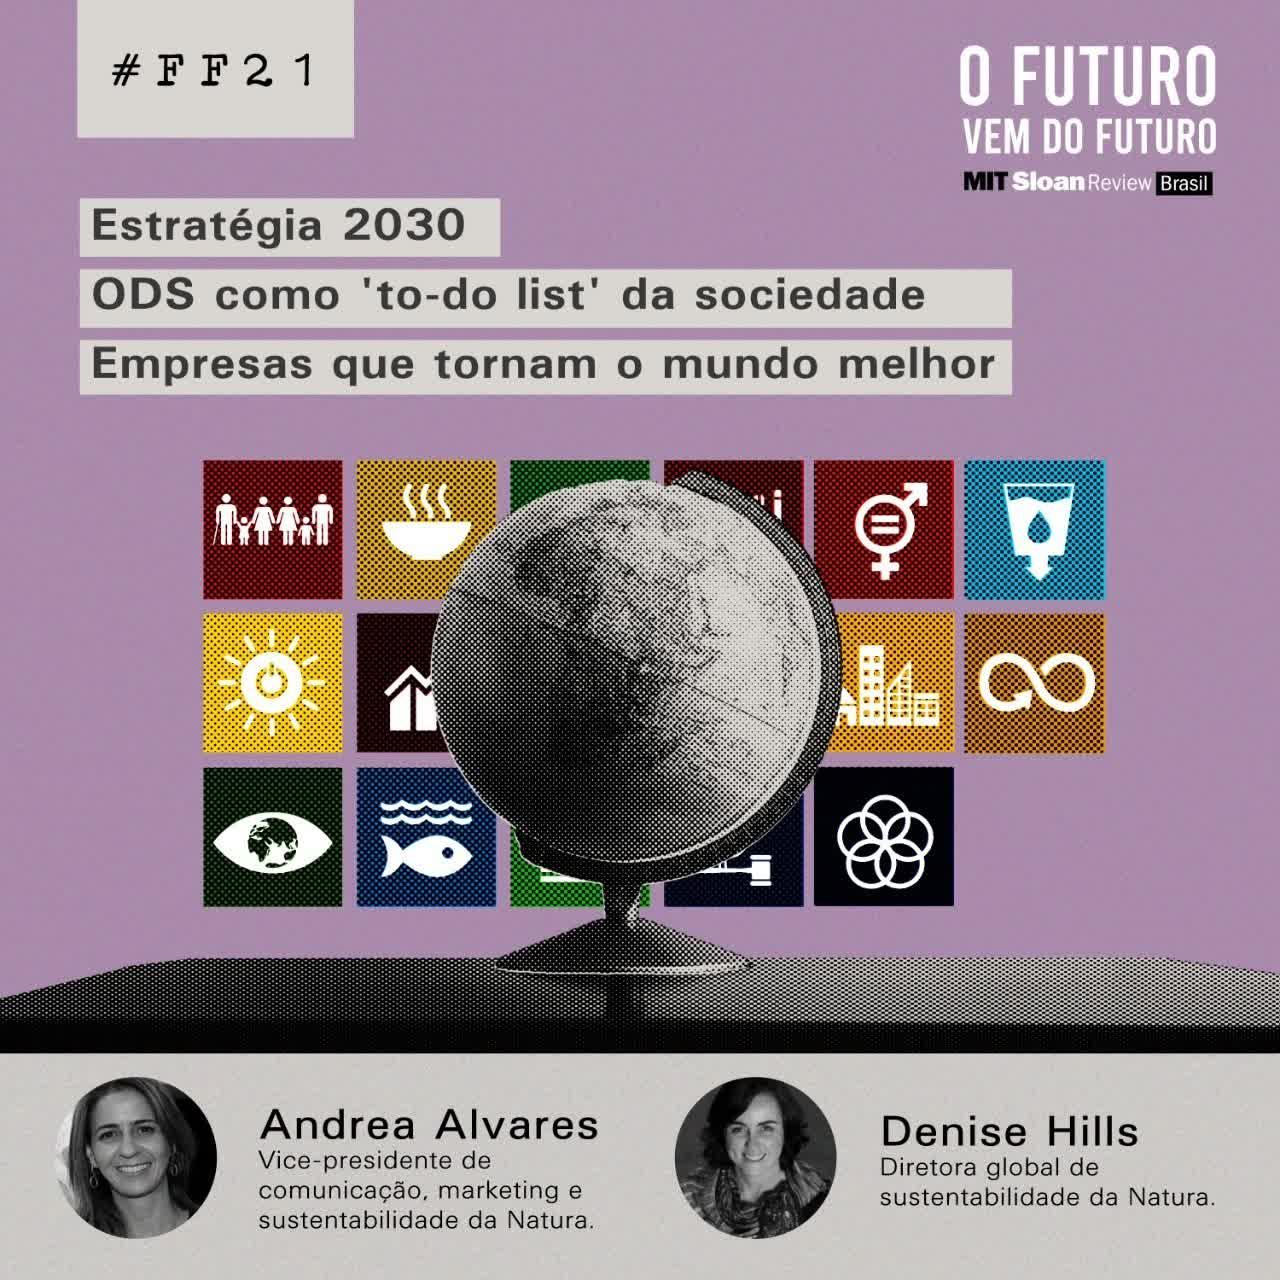 #FFS01E21 - Andrea Alvares & Denise Hills: Estratégia 2030, ODSs como 'to-do list' da sociedade, empresas que tornam o mundo melhor.